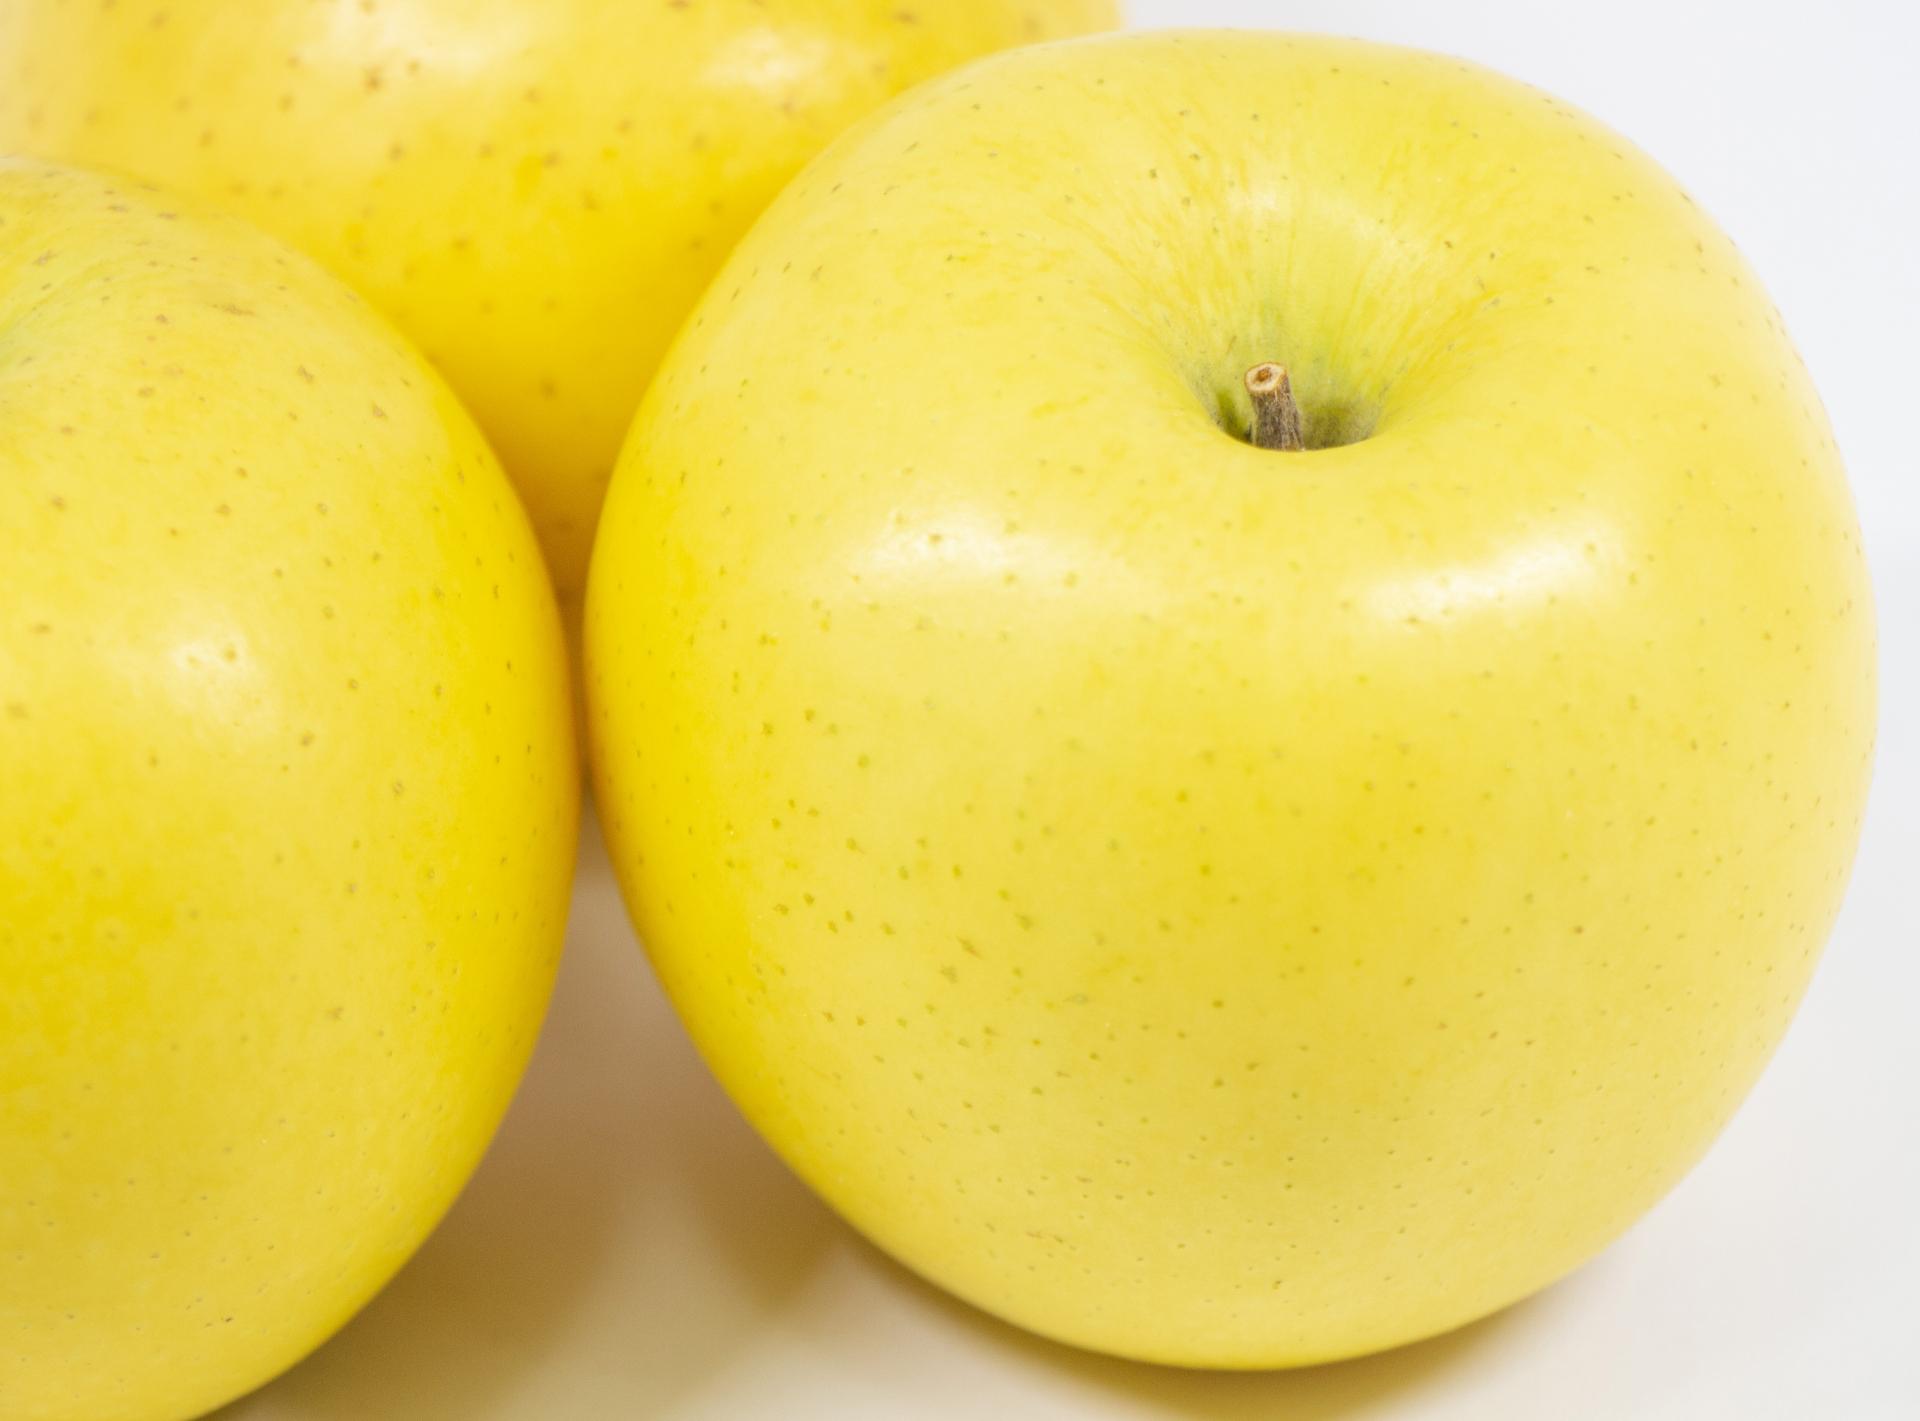 シナノゴールドってどんなリンゴ?色・味・旬などの特徴や選び方を紹介